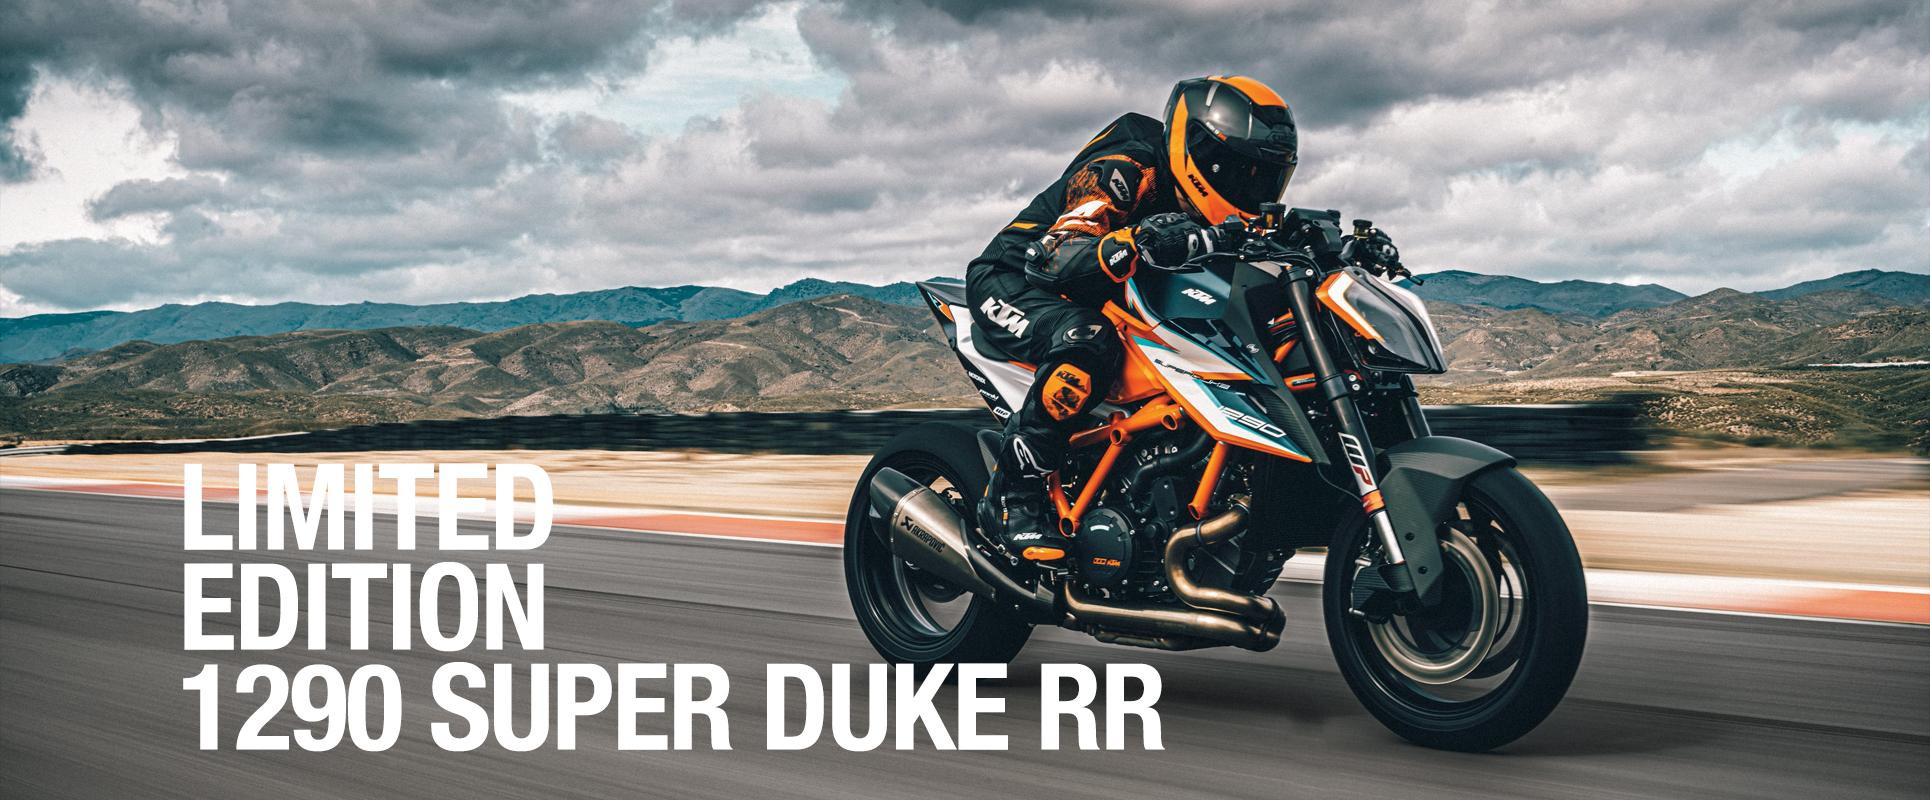 12/05/2021 - 1290 SUPER DUKE RR